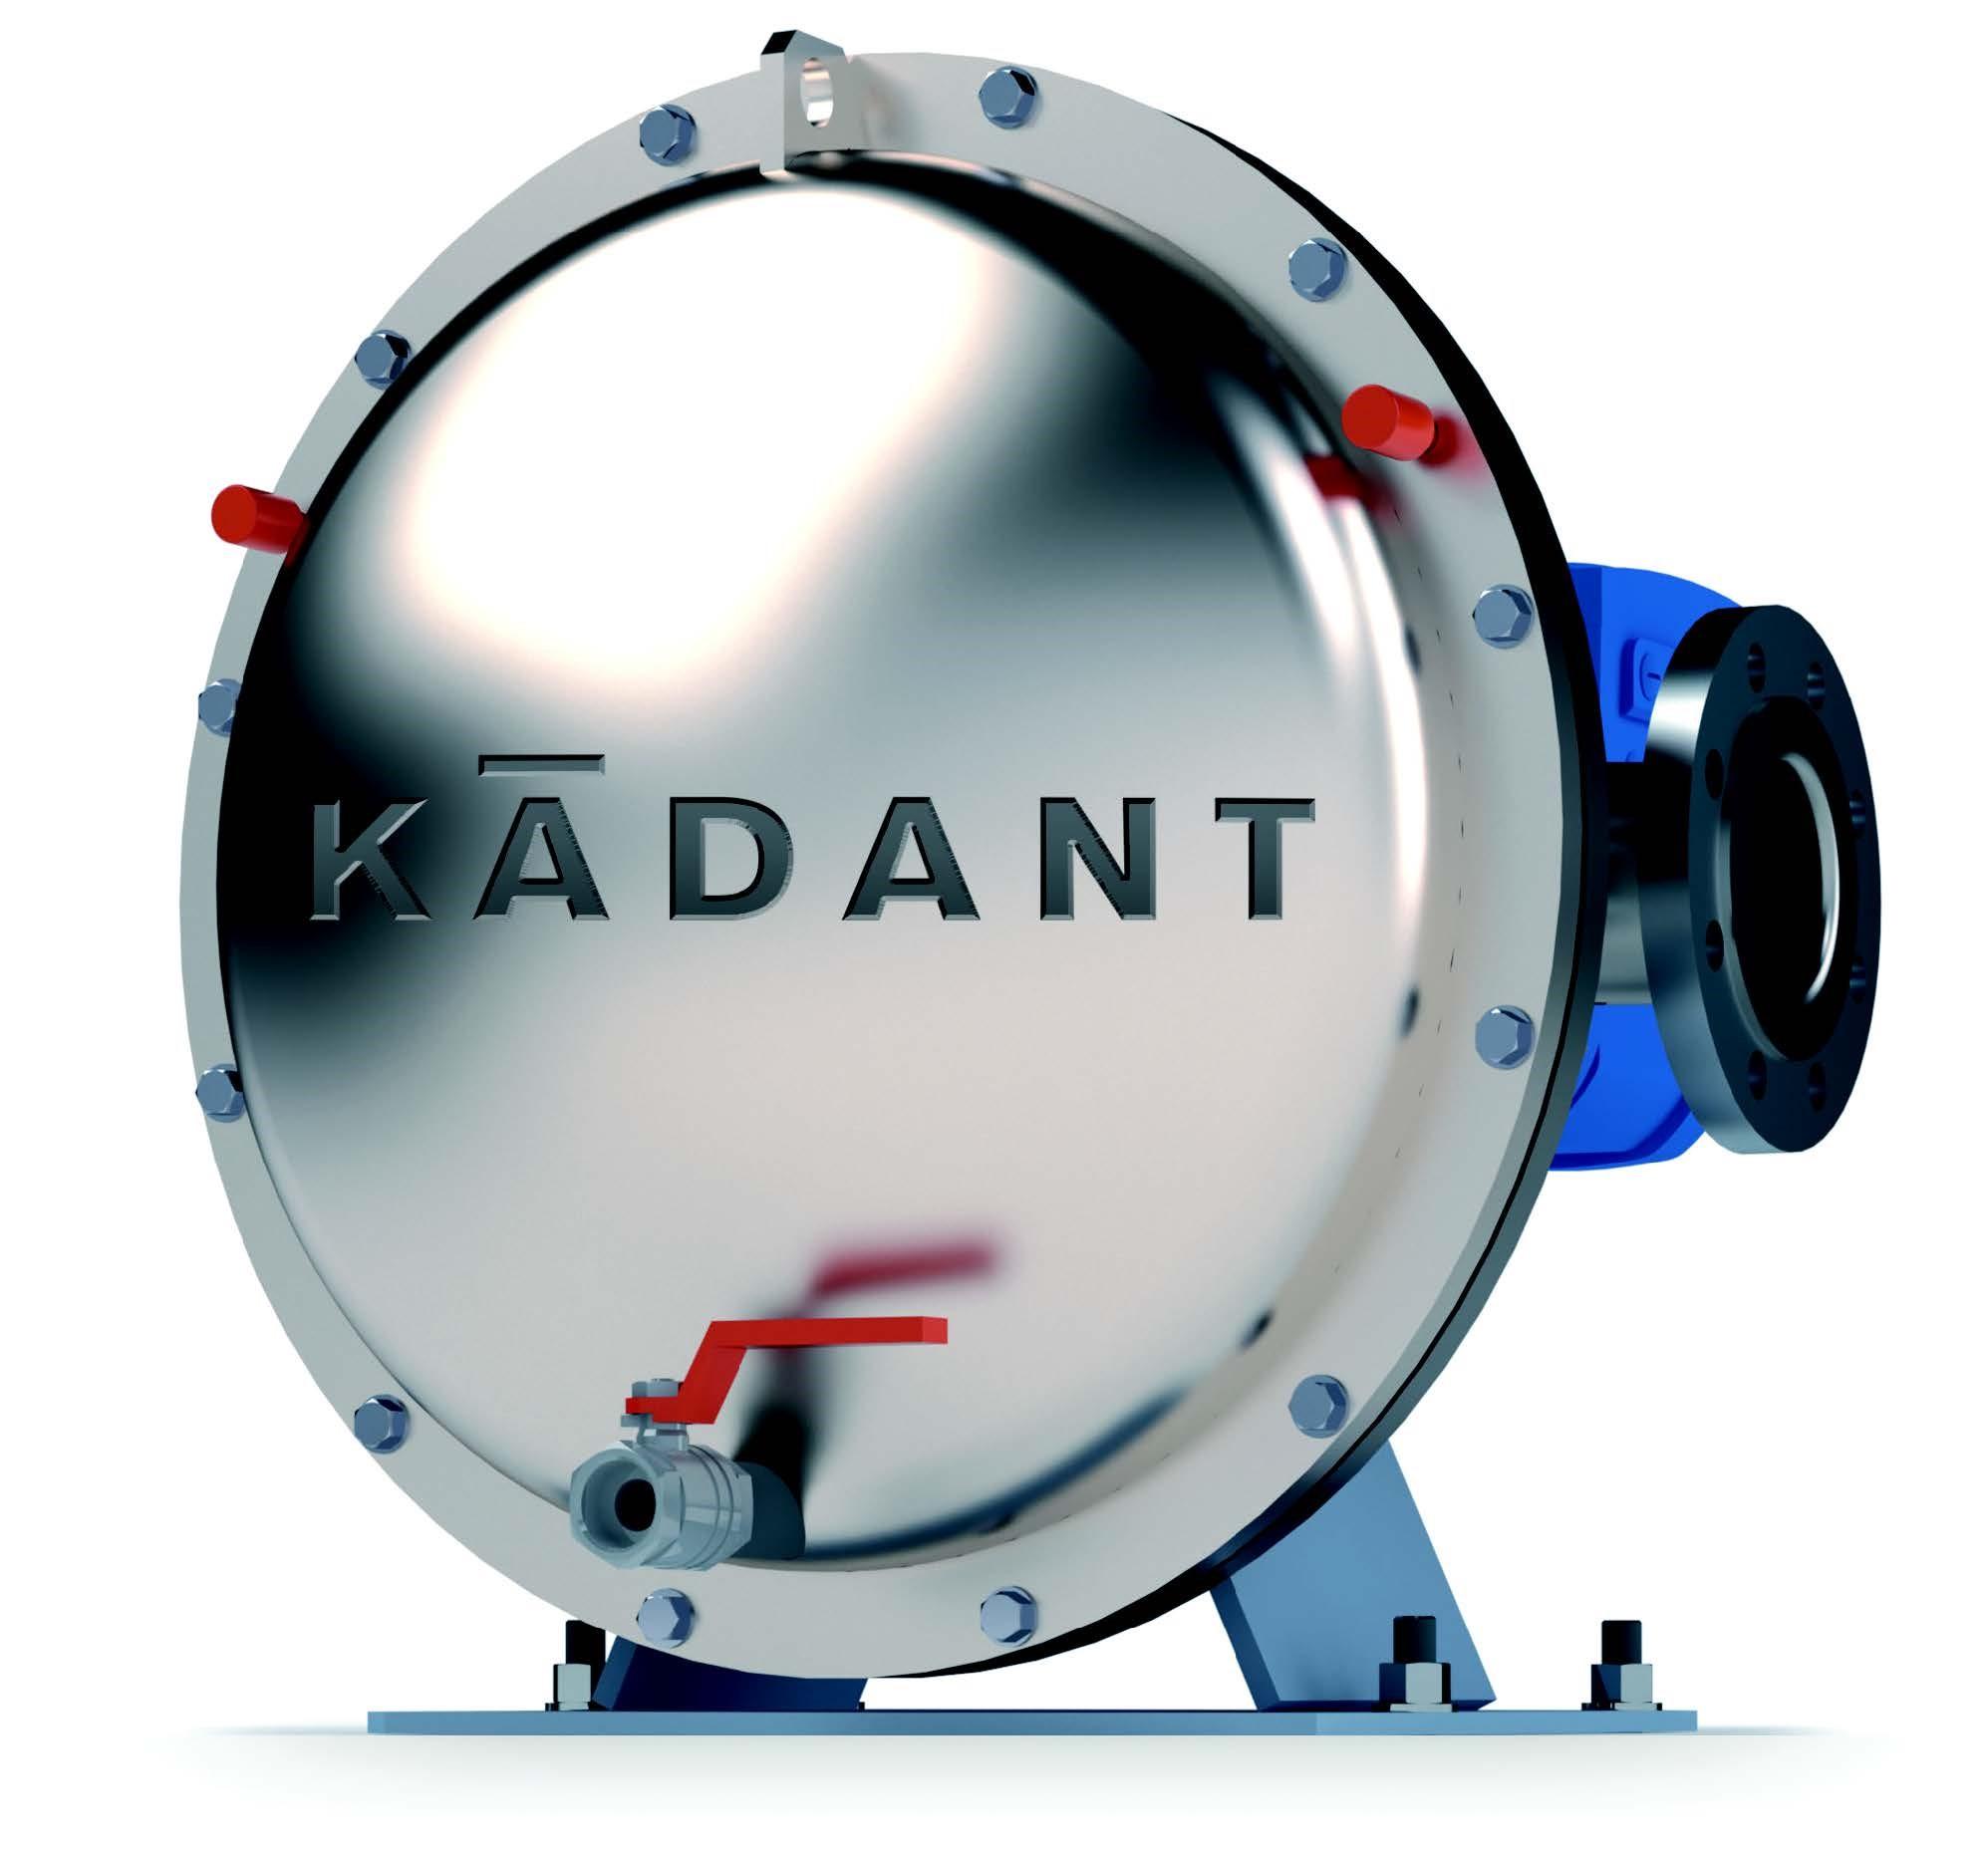 Otimize o seu processo de depuração com a nova tecnologia Kadant